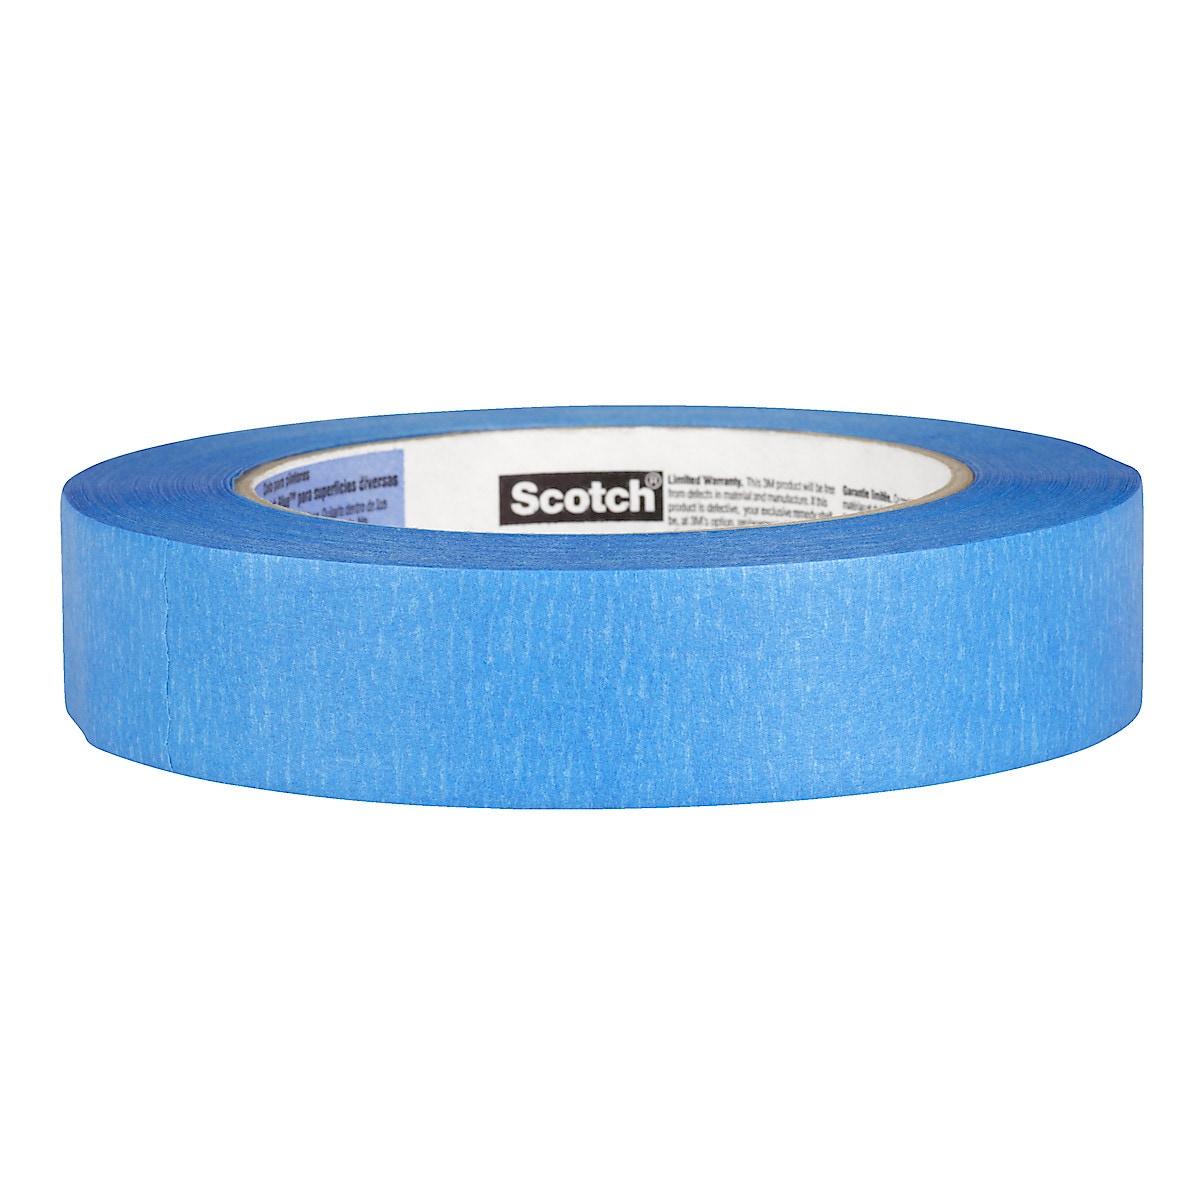 Scotch-Blue 2090 Masking Tape